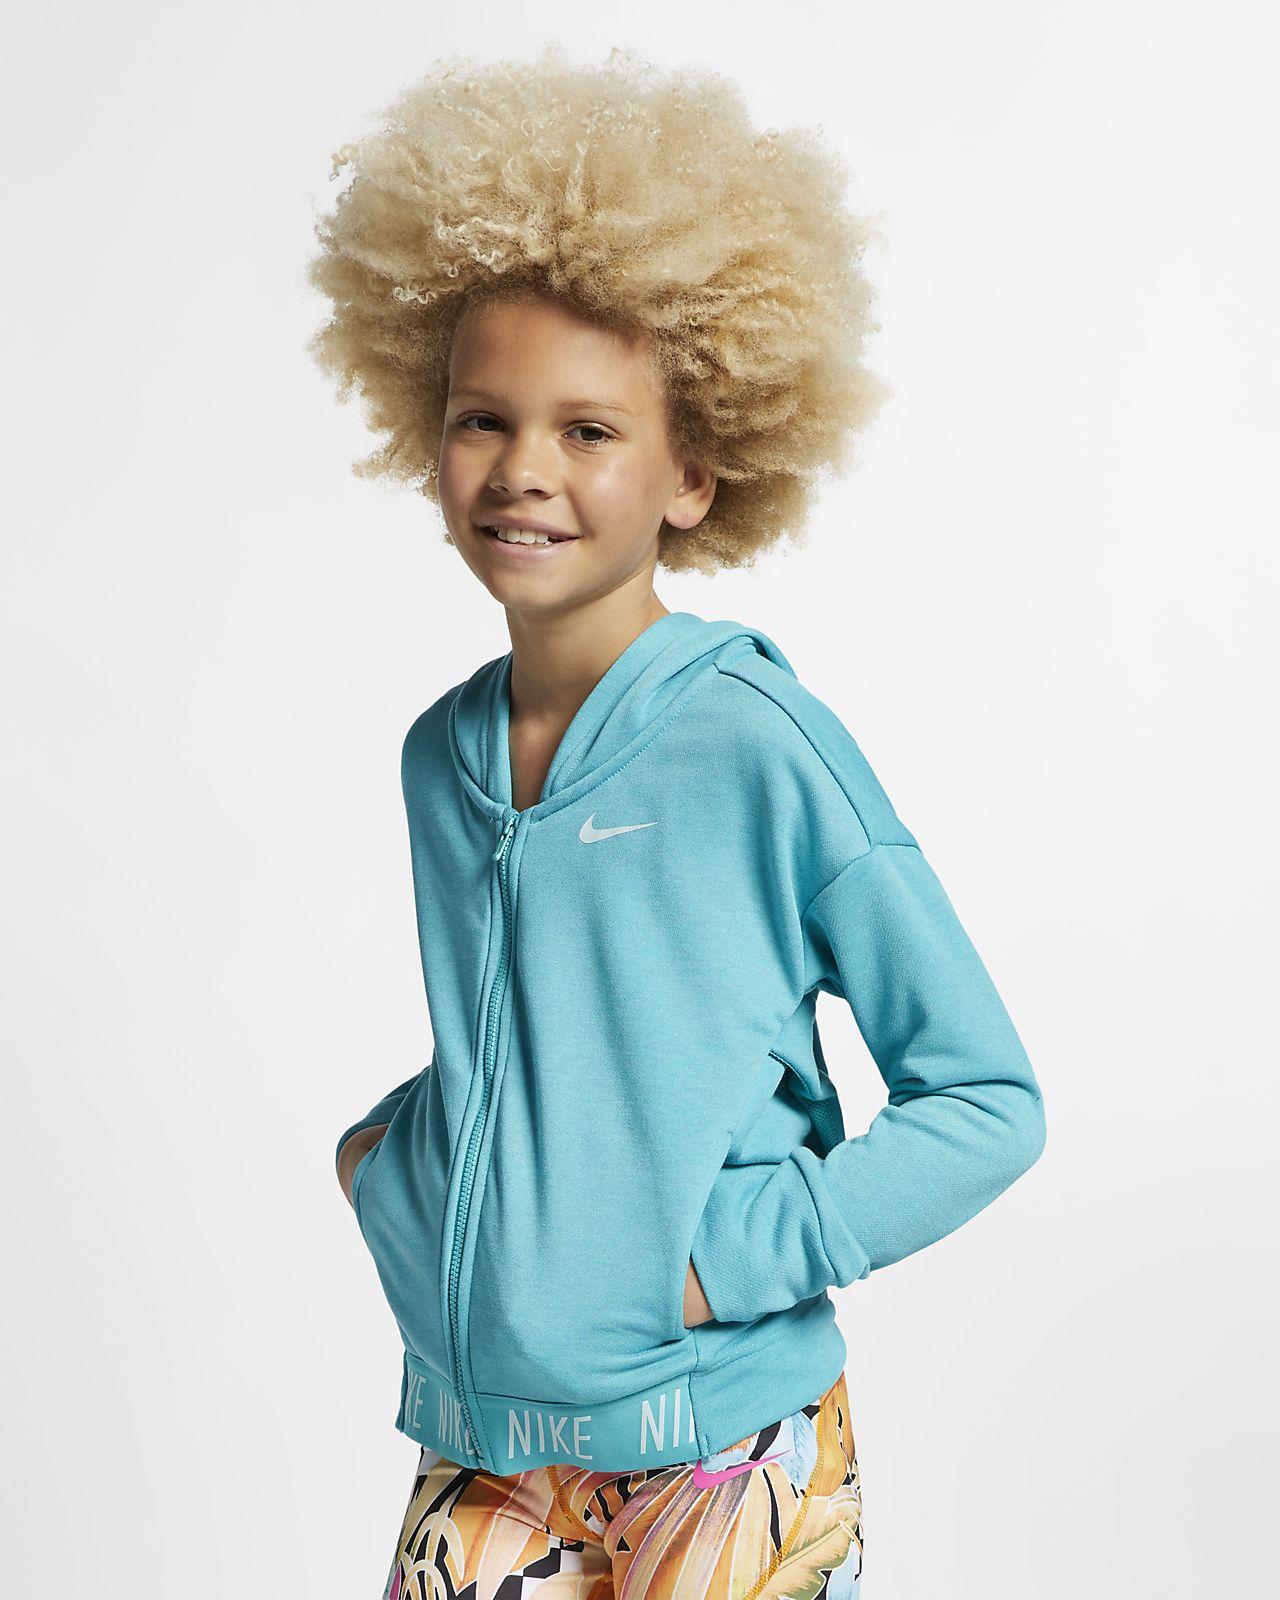 Μπλούζα προπόνησης με κουκούλα και φερμουάρ Nike για μεγάλα κορίτσια